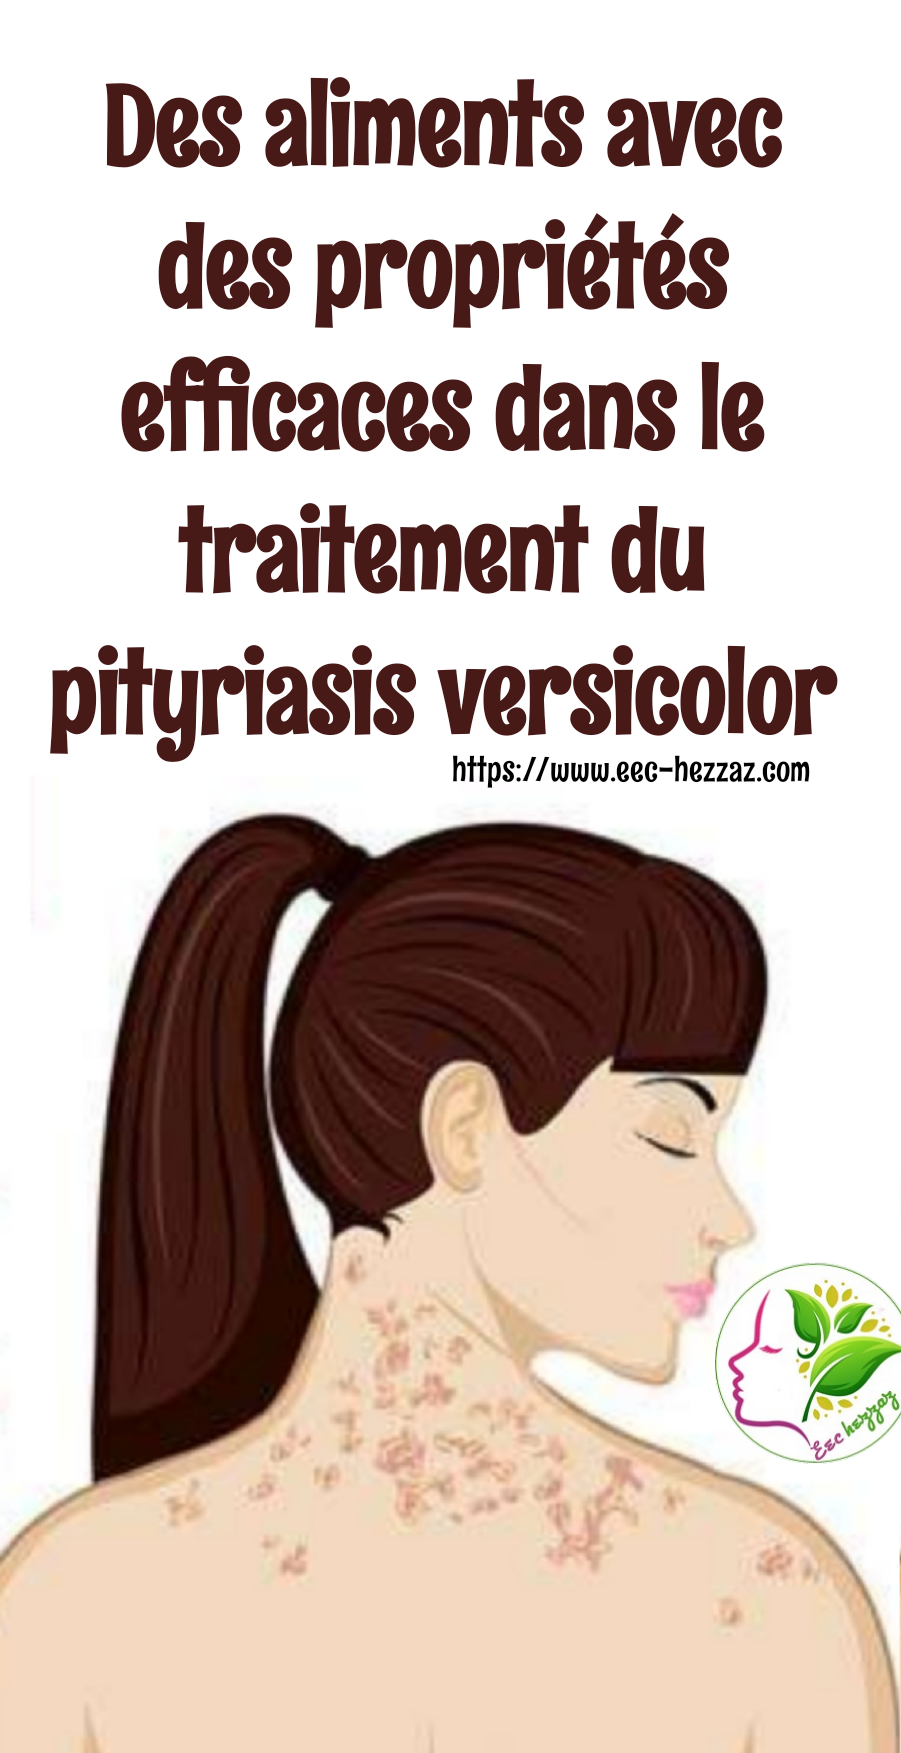 Des aliments avec des propriétés efficaces dans le traitement du pityriasis versicolor